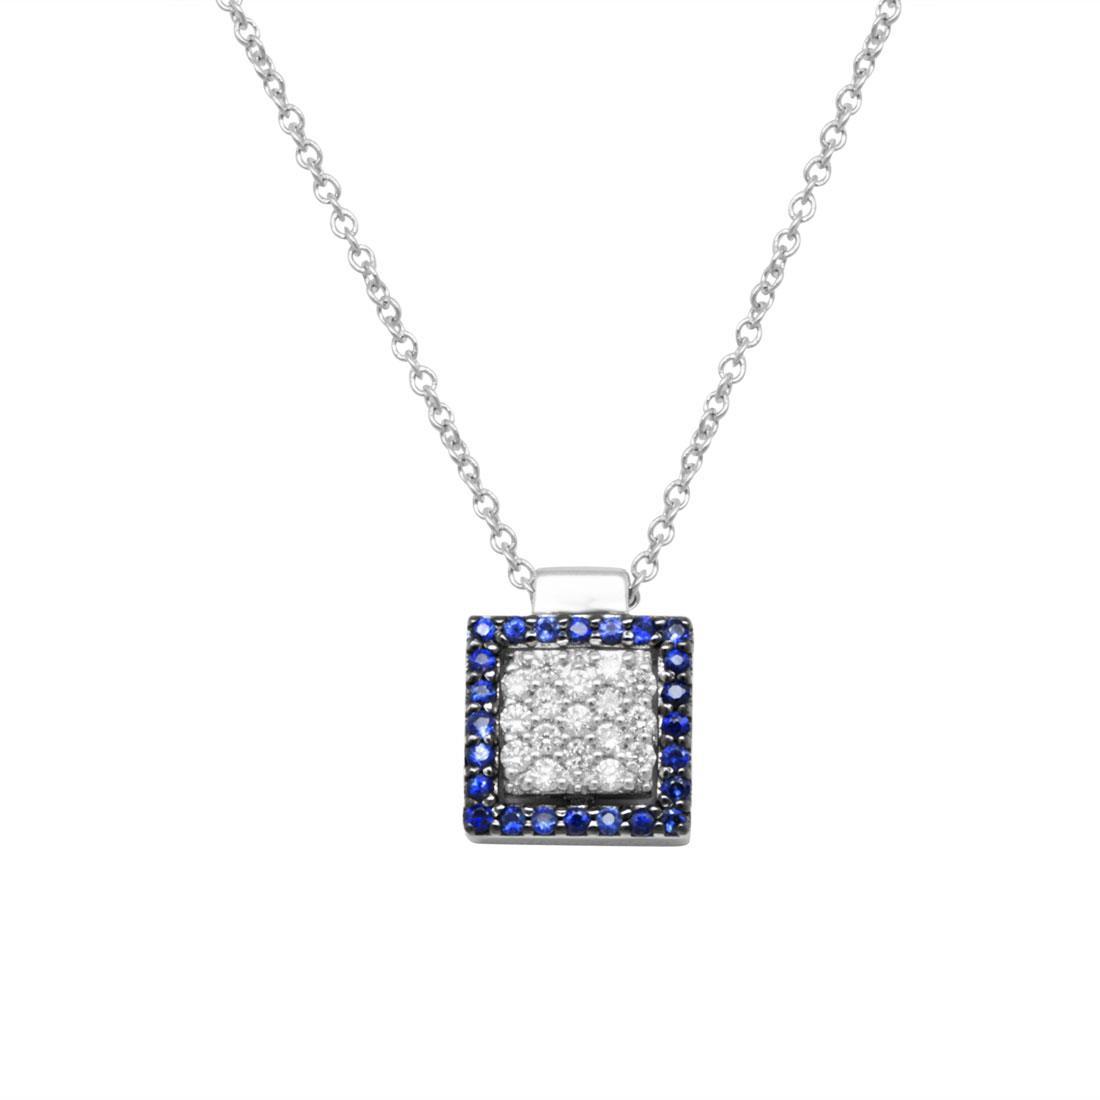 Collana in oro bianco pendente quadrato con diamanti ct 0.12 e zaffiri ct 0.14 - SALVINI